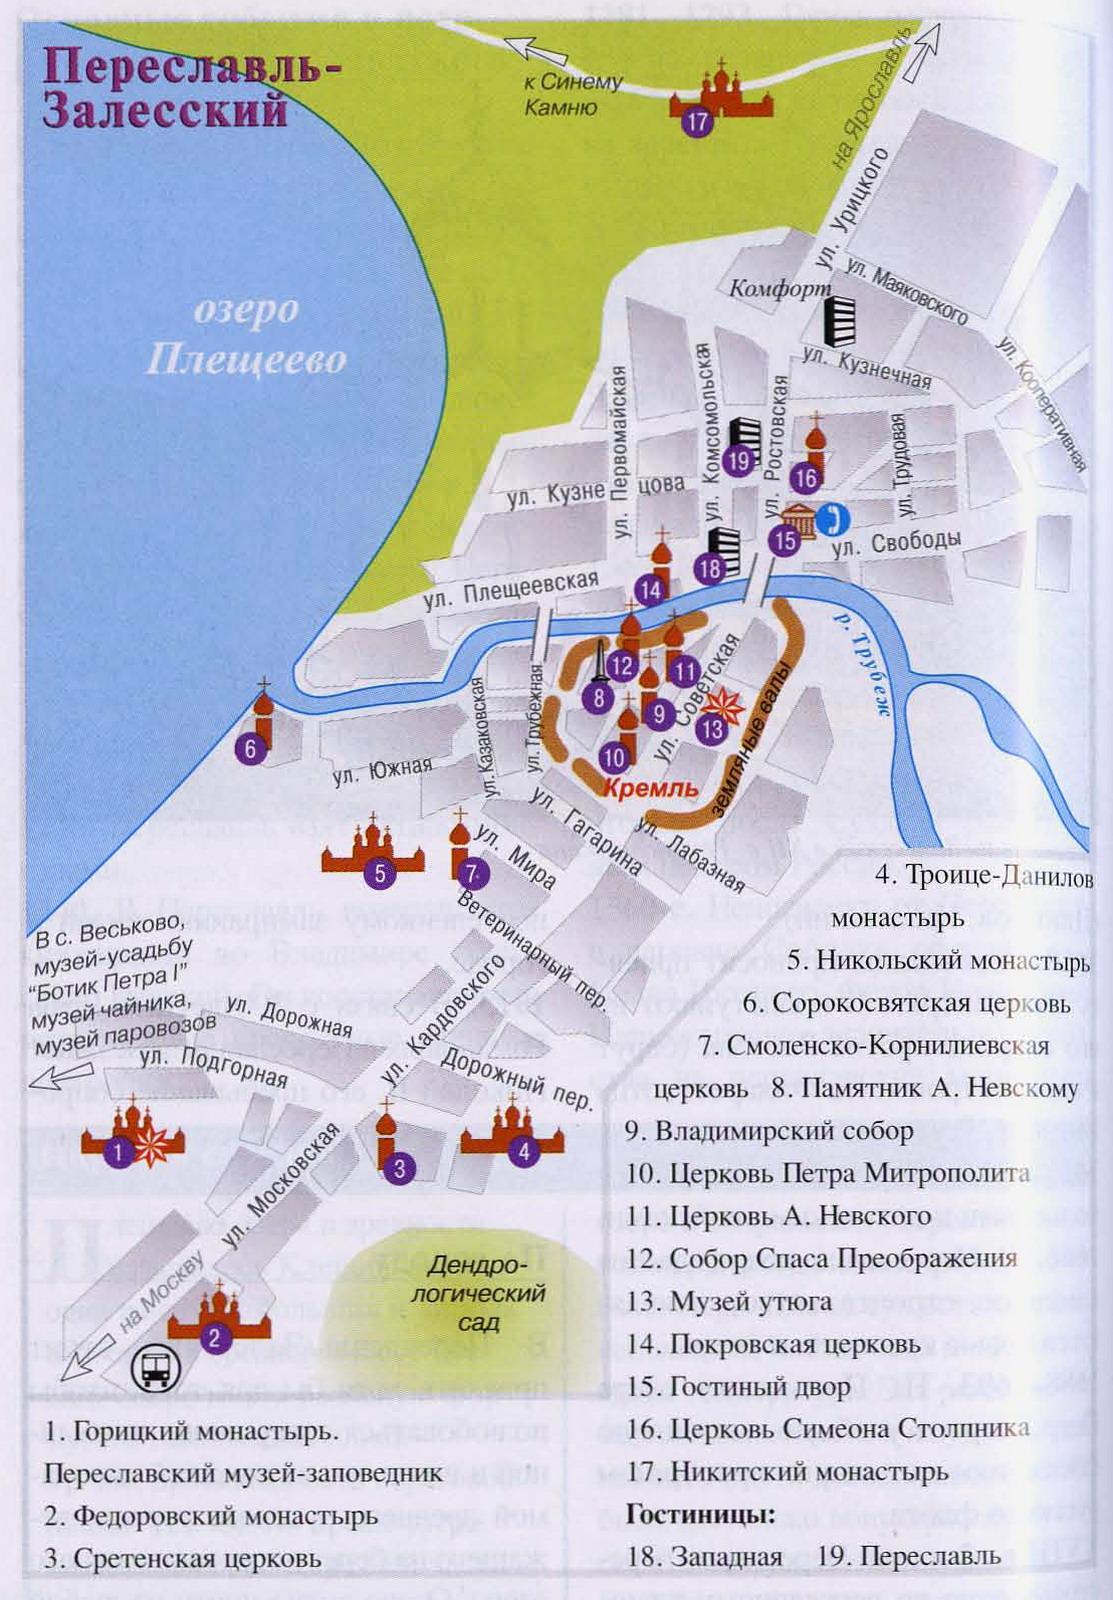 Переславль-залесский достопримечательности схема